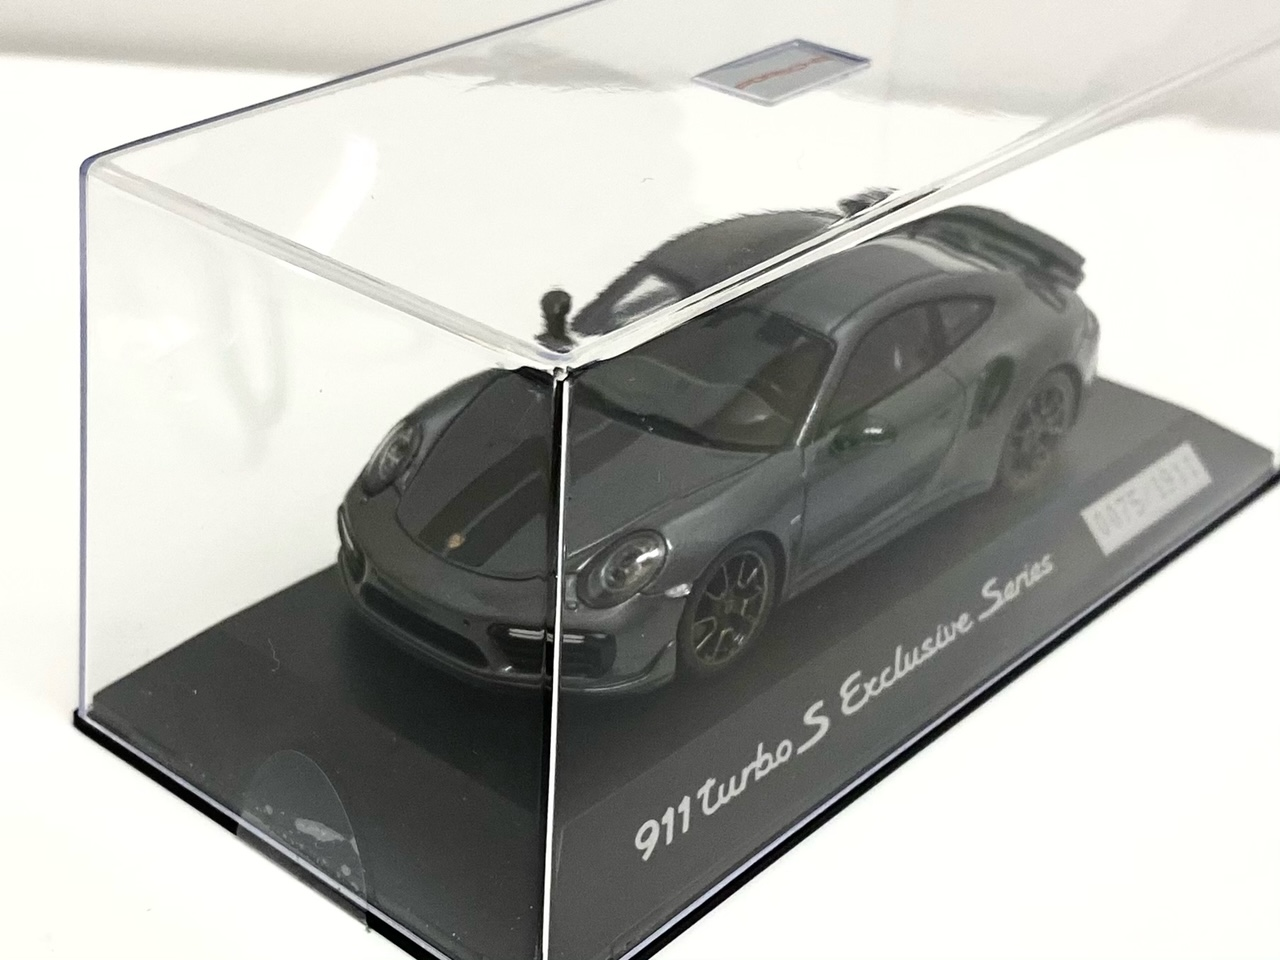 ポルシェ特注品 Porsche 911 Turbo S Exclusive Series gray metallic